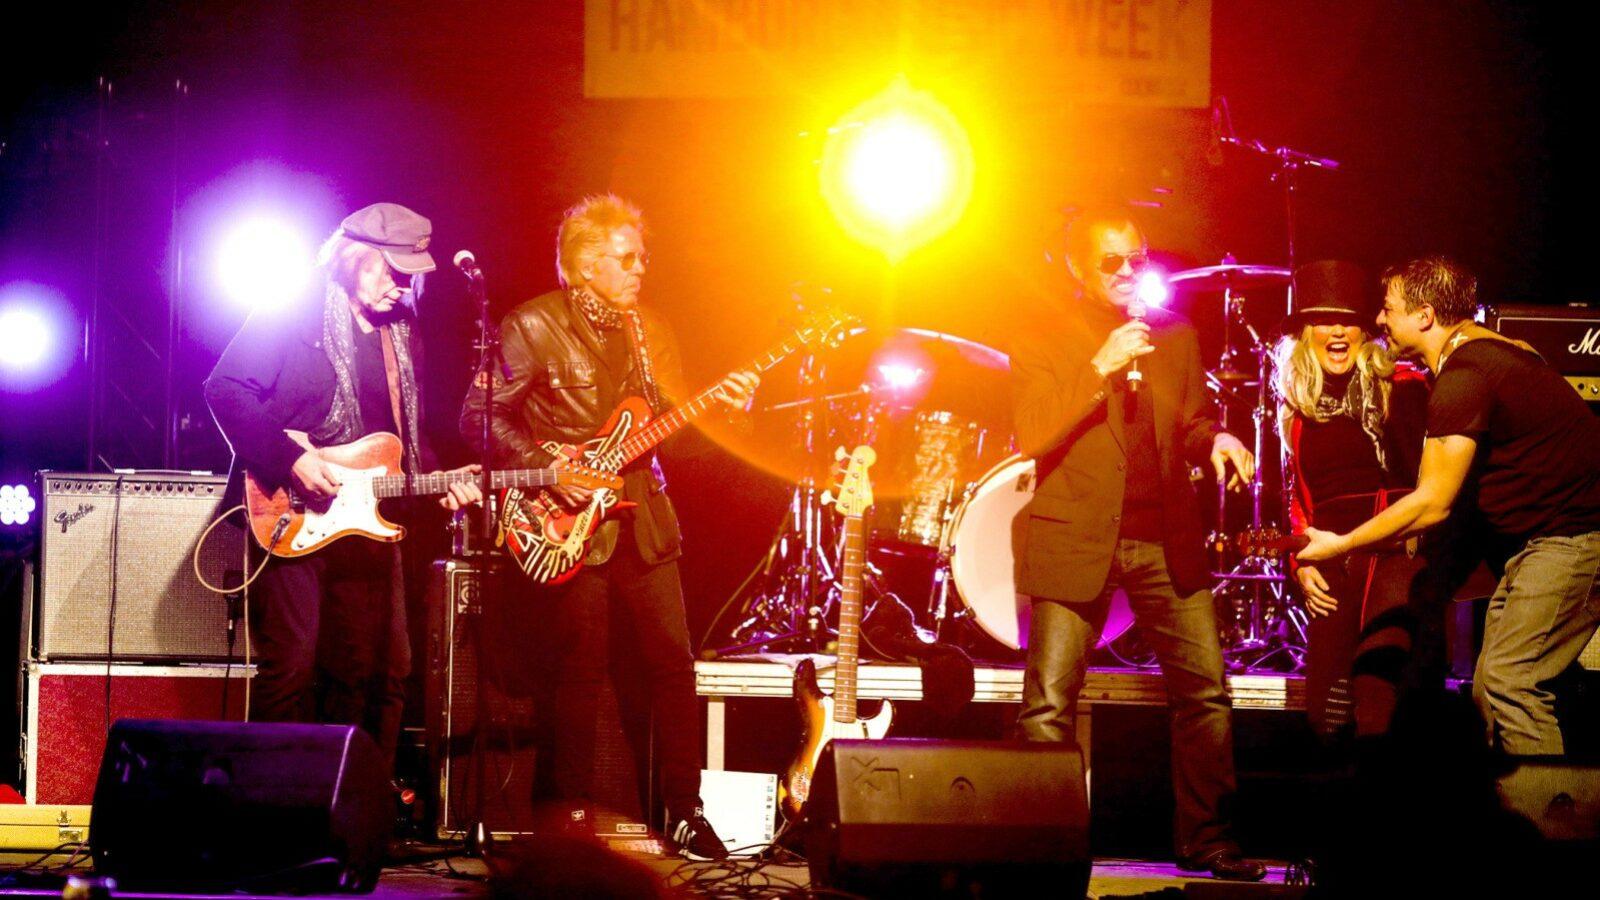 Sa, 14.08.  OXMOX präsentiert: Hammer Sommer Festival mit Rudolf Rock & die Schocker u. a., Hammer Park (Festivalfläche), 5,- €